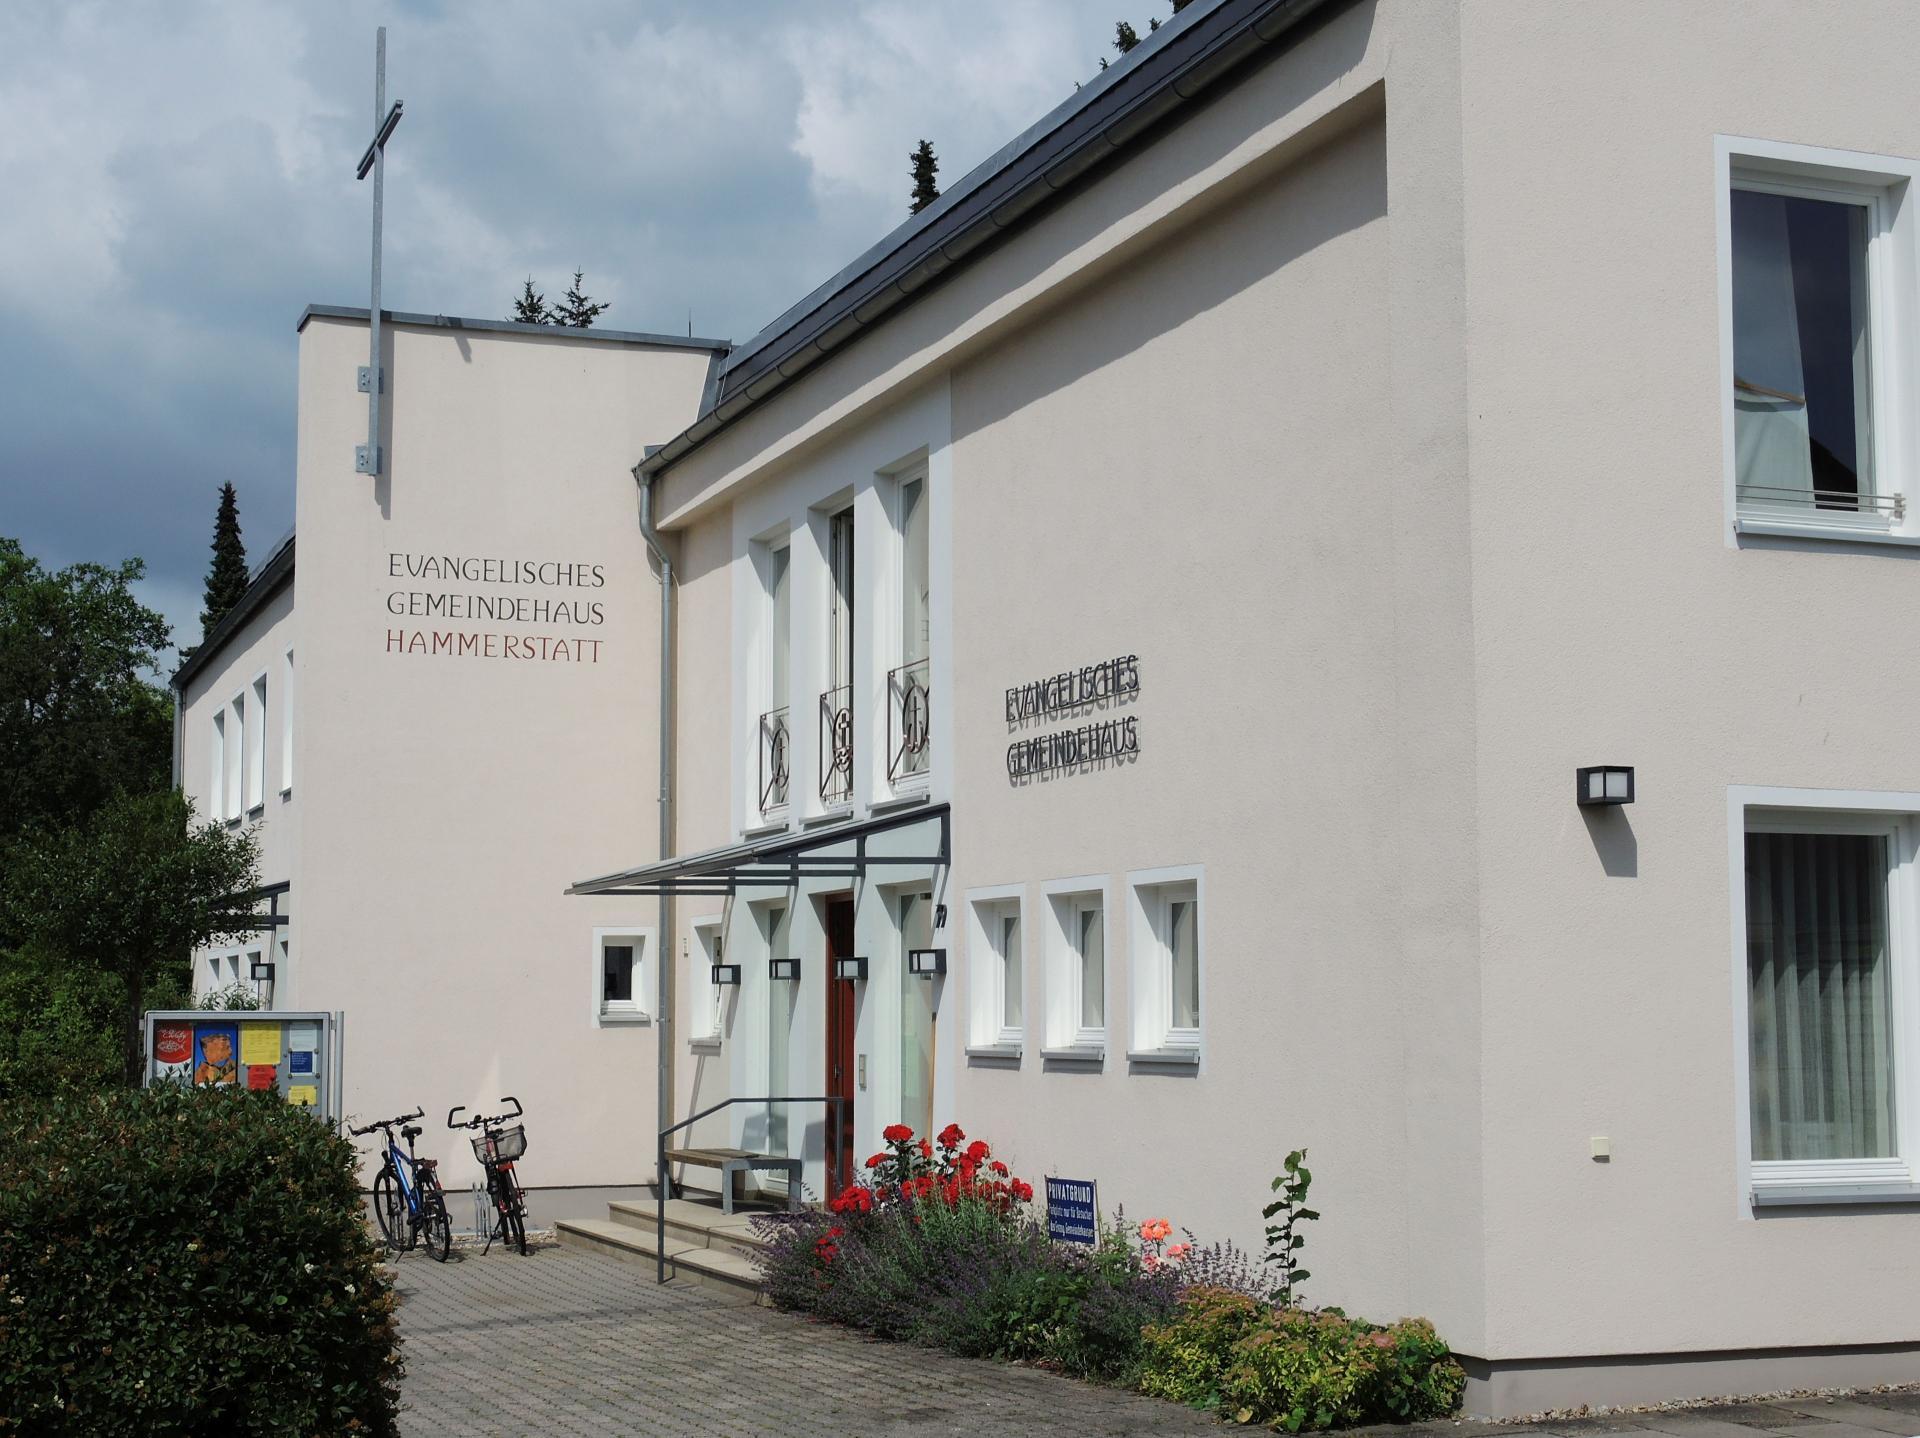 Hammerstatt